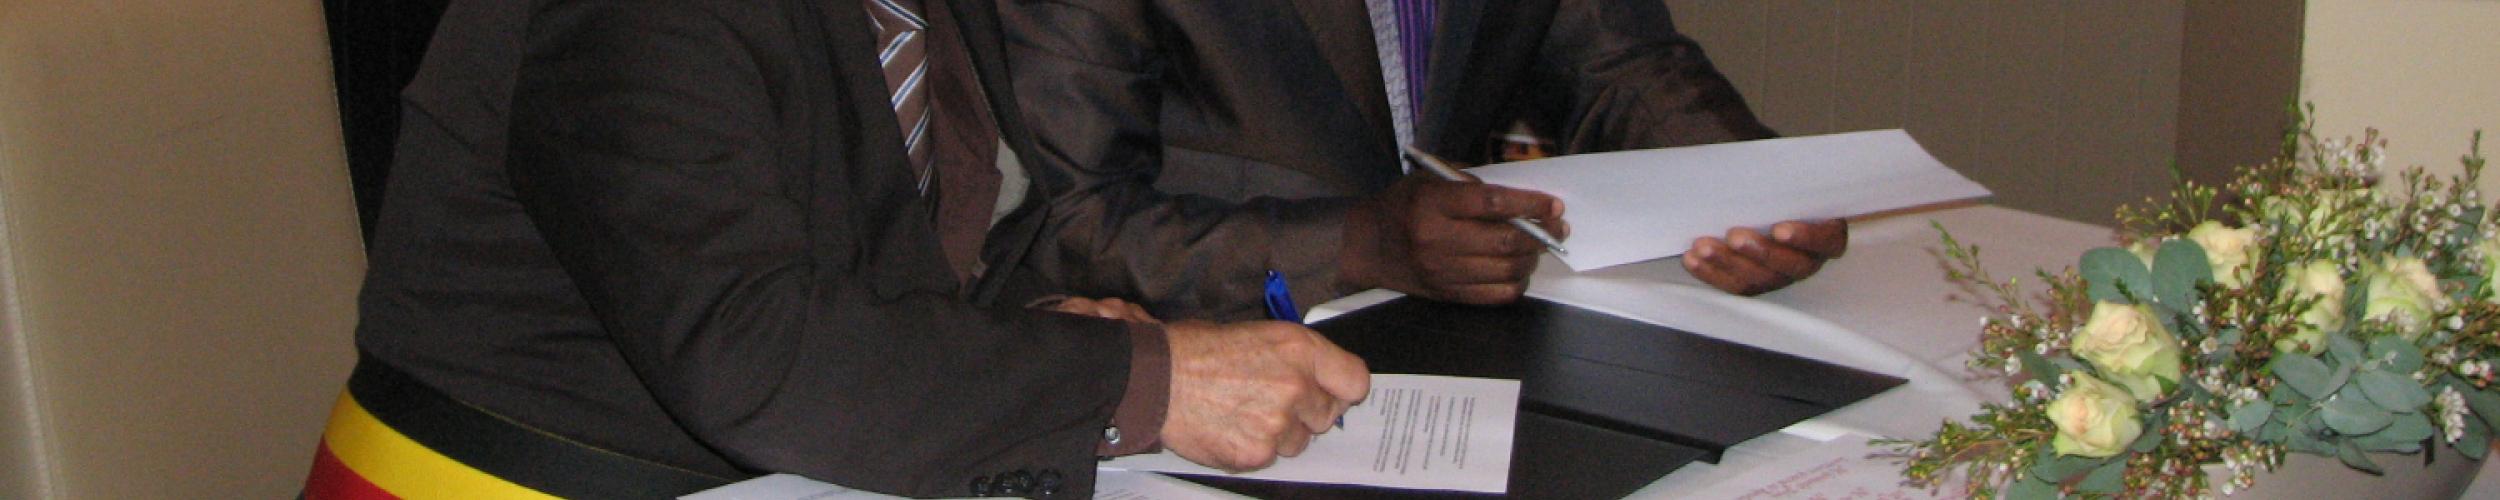 Burgemeesters van Roeselare en Dogbo ondertekenen de samenwerkingsovereenkomst.